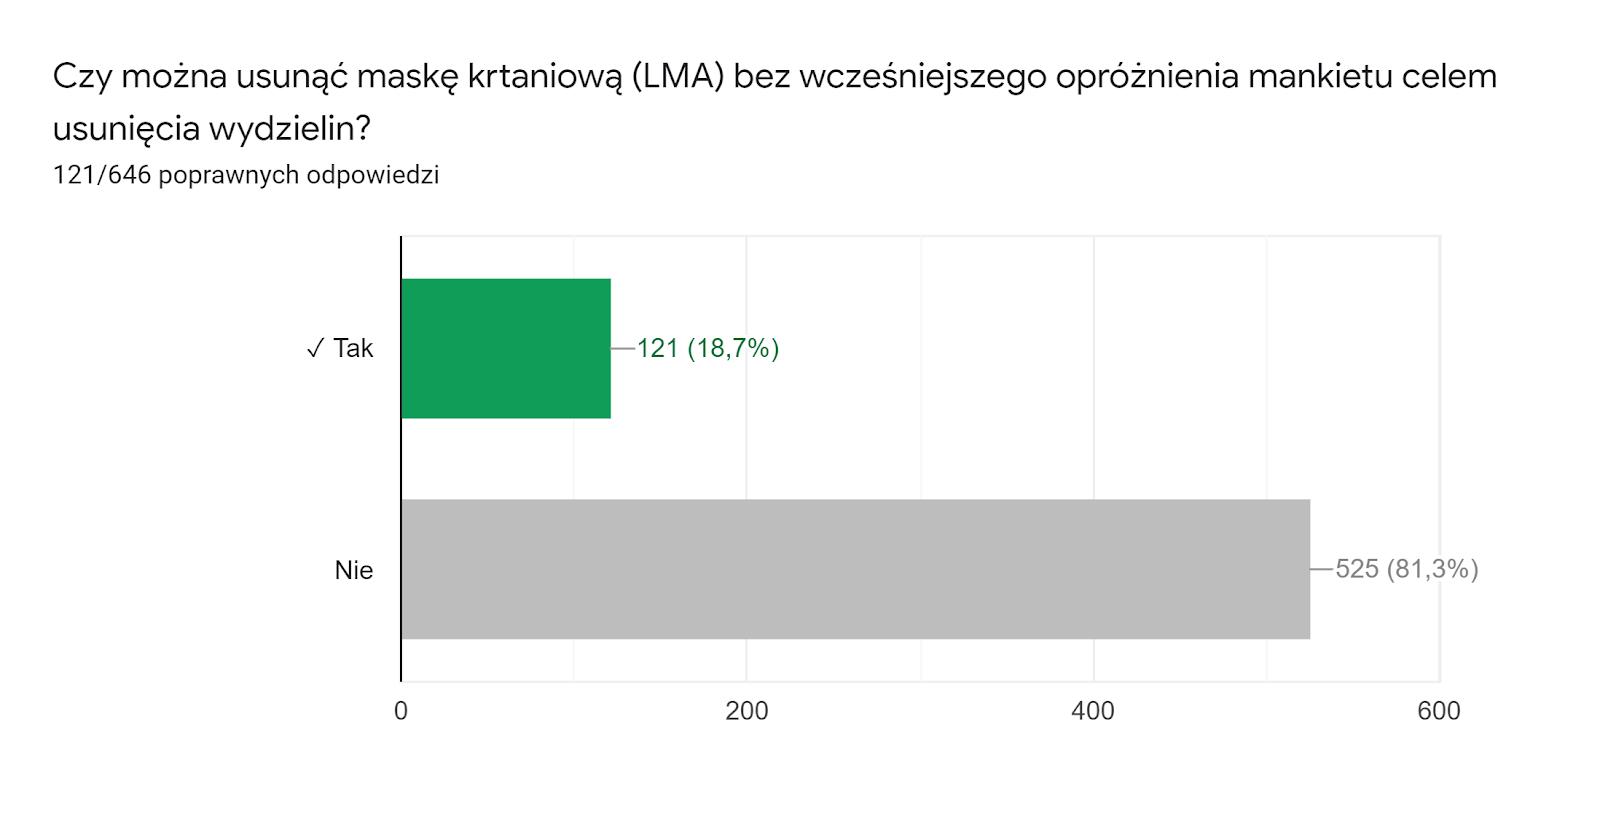 Wykres odpowiedzi z Formularzy. Tytuł pytania: Czy można usunąć maskę krtaniową (LMA) bez wcześniejszego opróżnienia mankietu celem usunięcia wydzielin?. Liczba odpowiedzi: 121/646 poprawnych odpowiedzi.